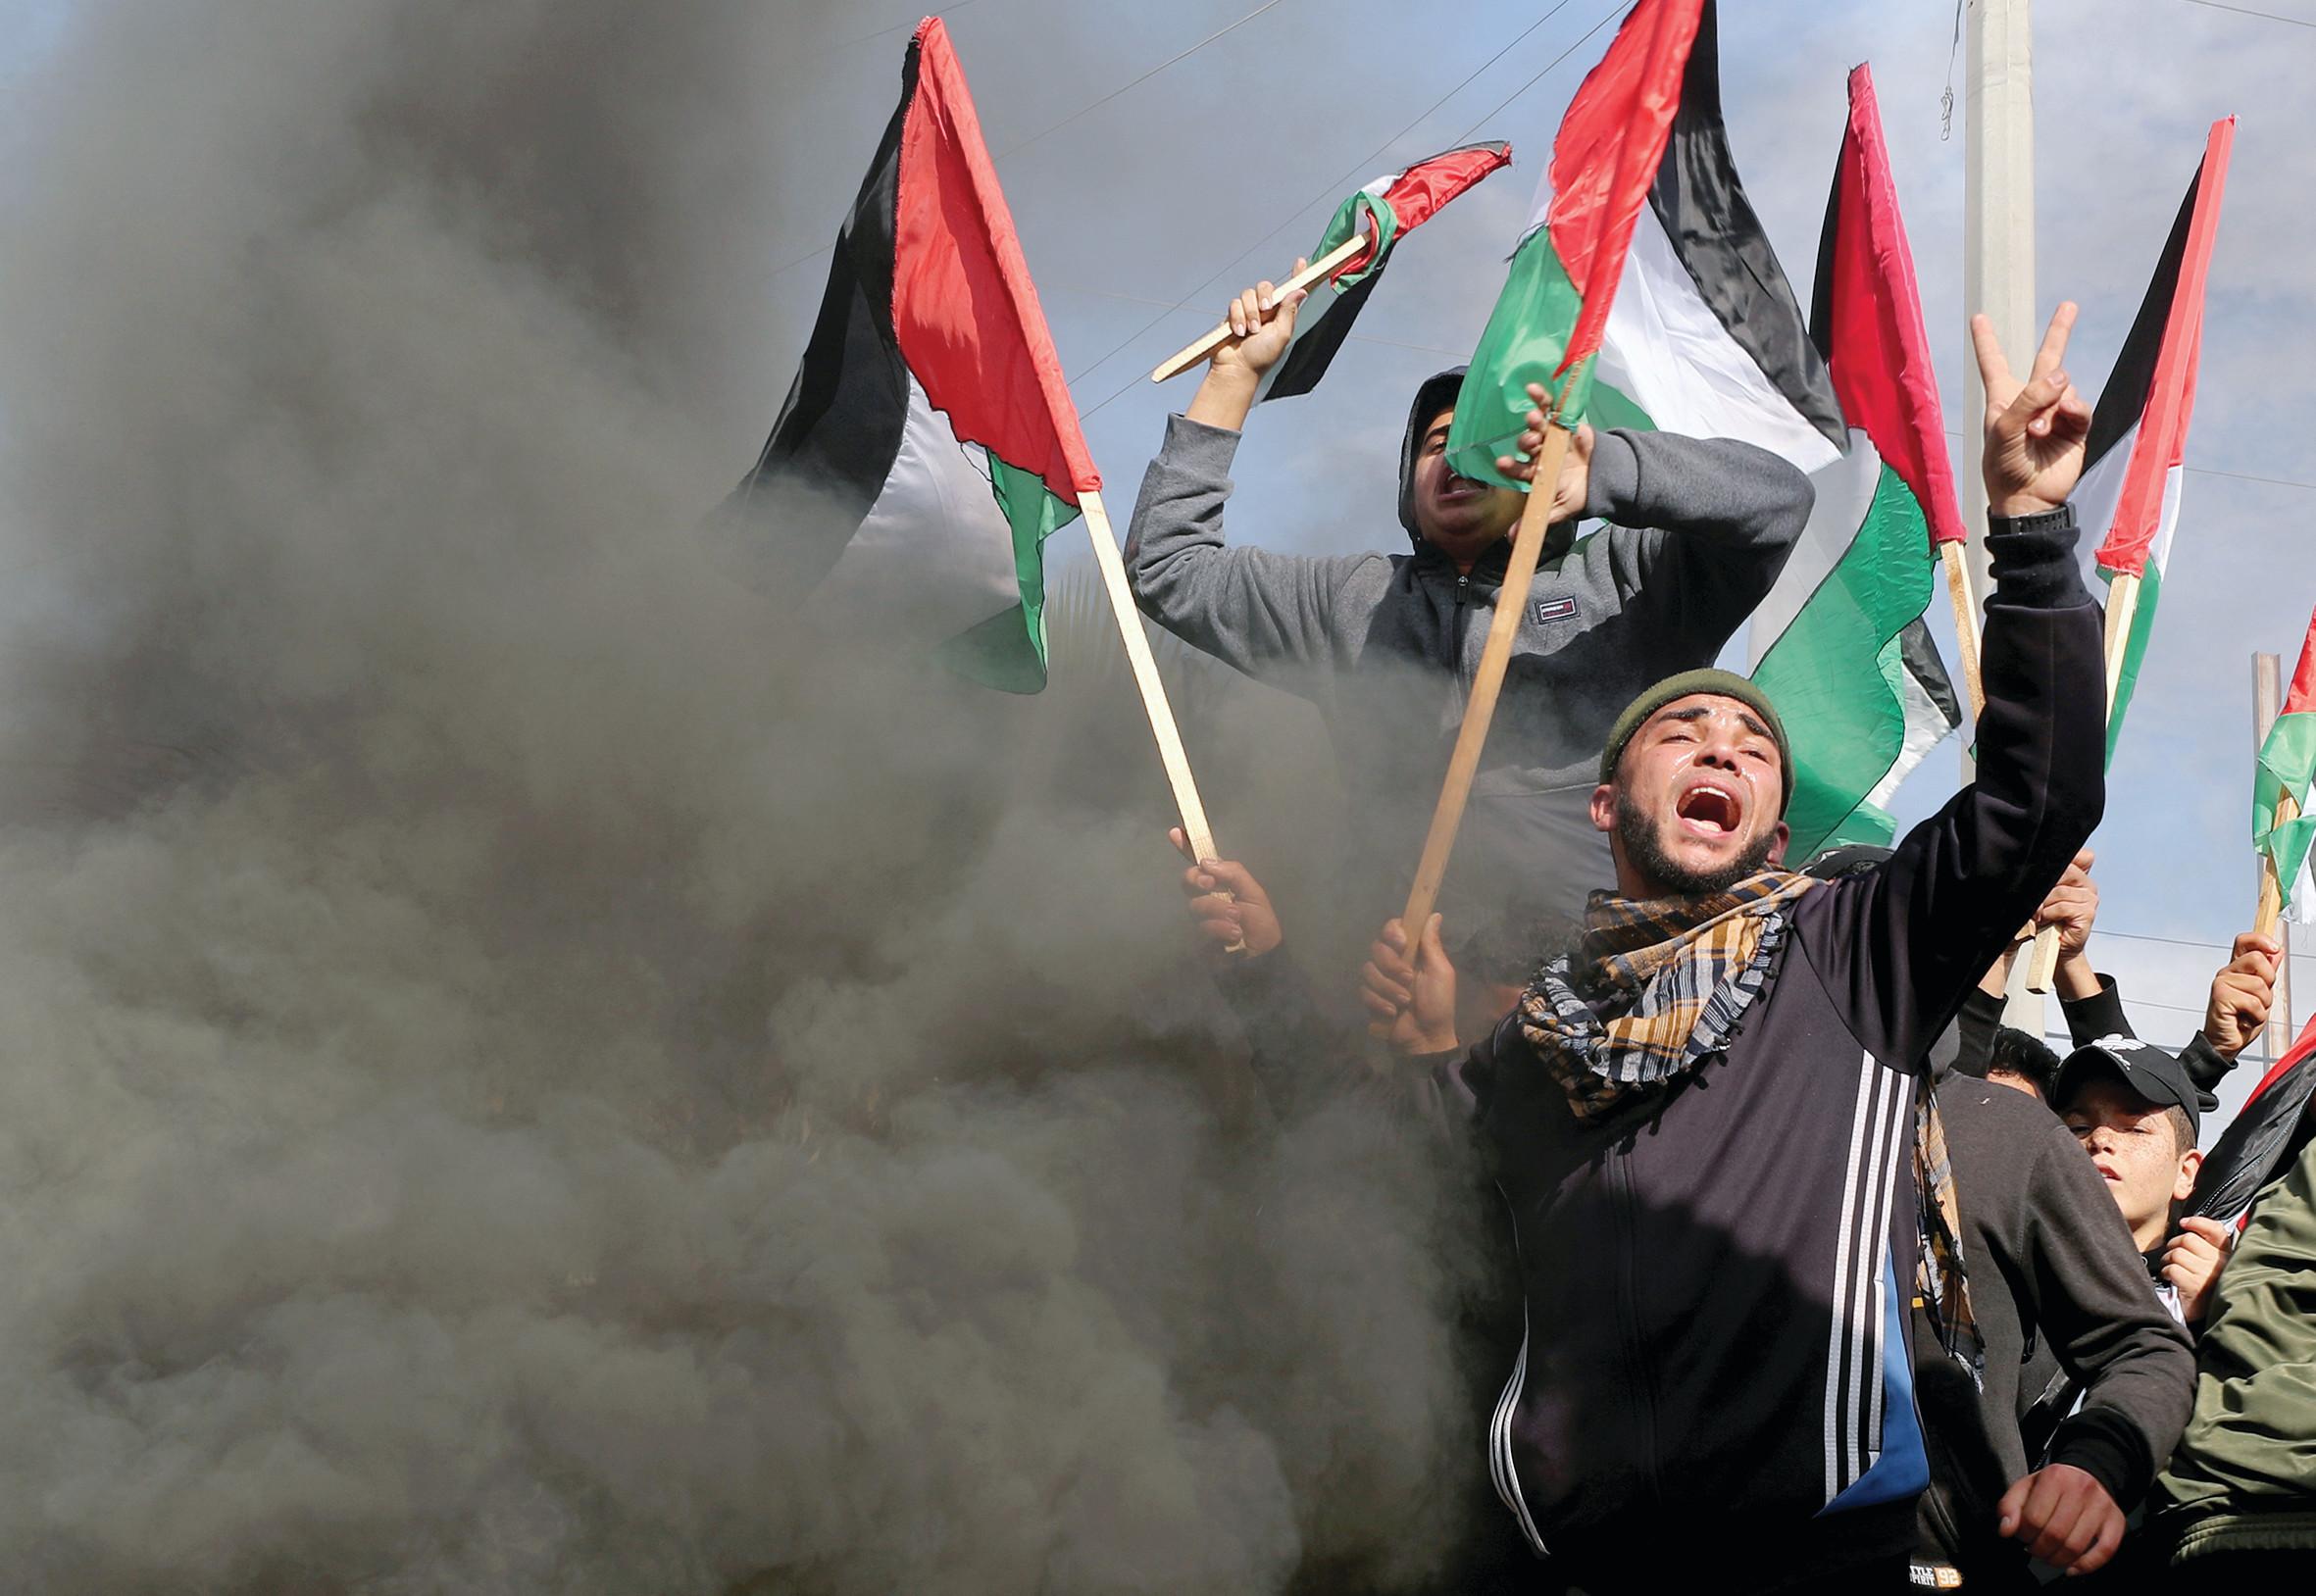 פלסטינים מפגינים. צילום: רויטרס